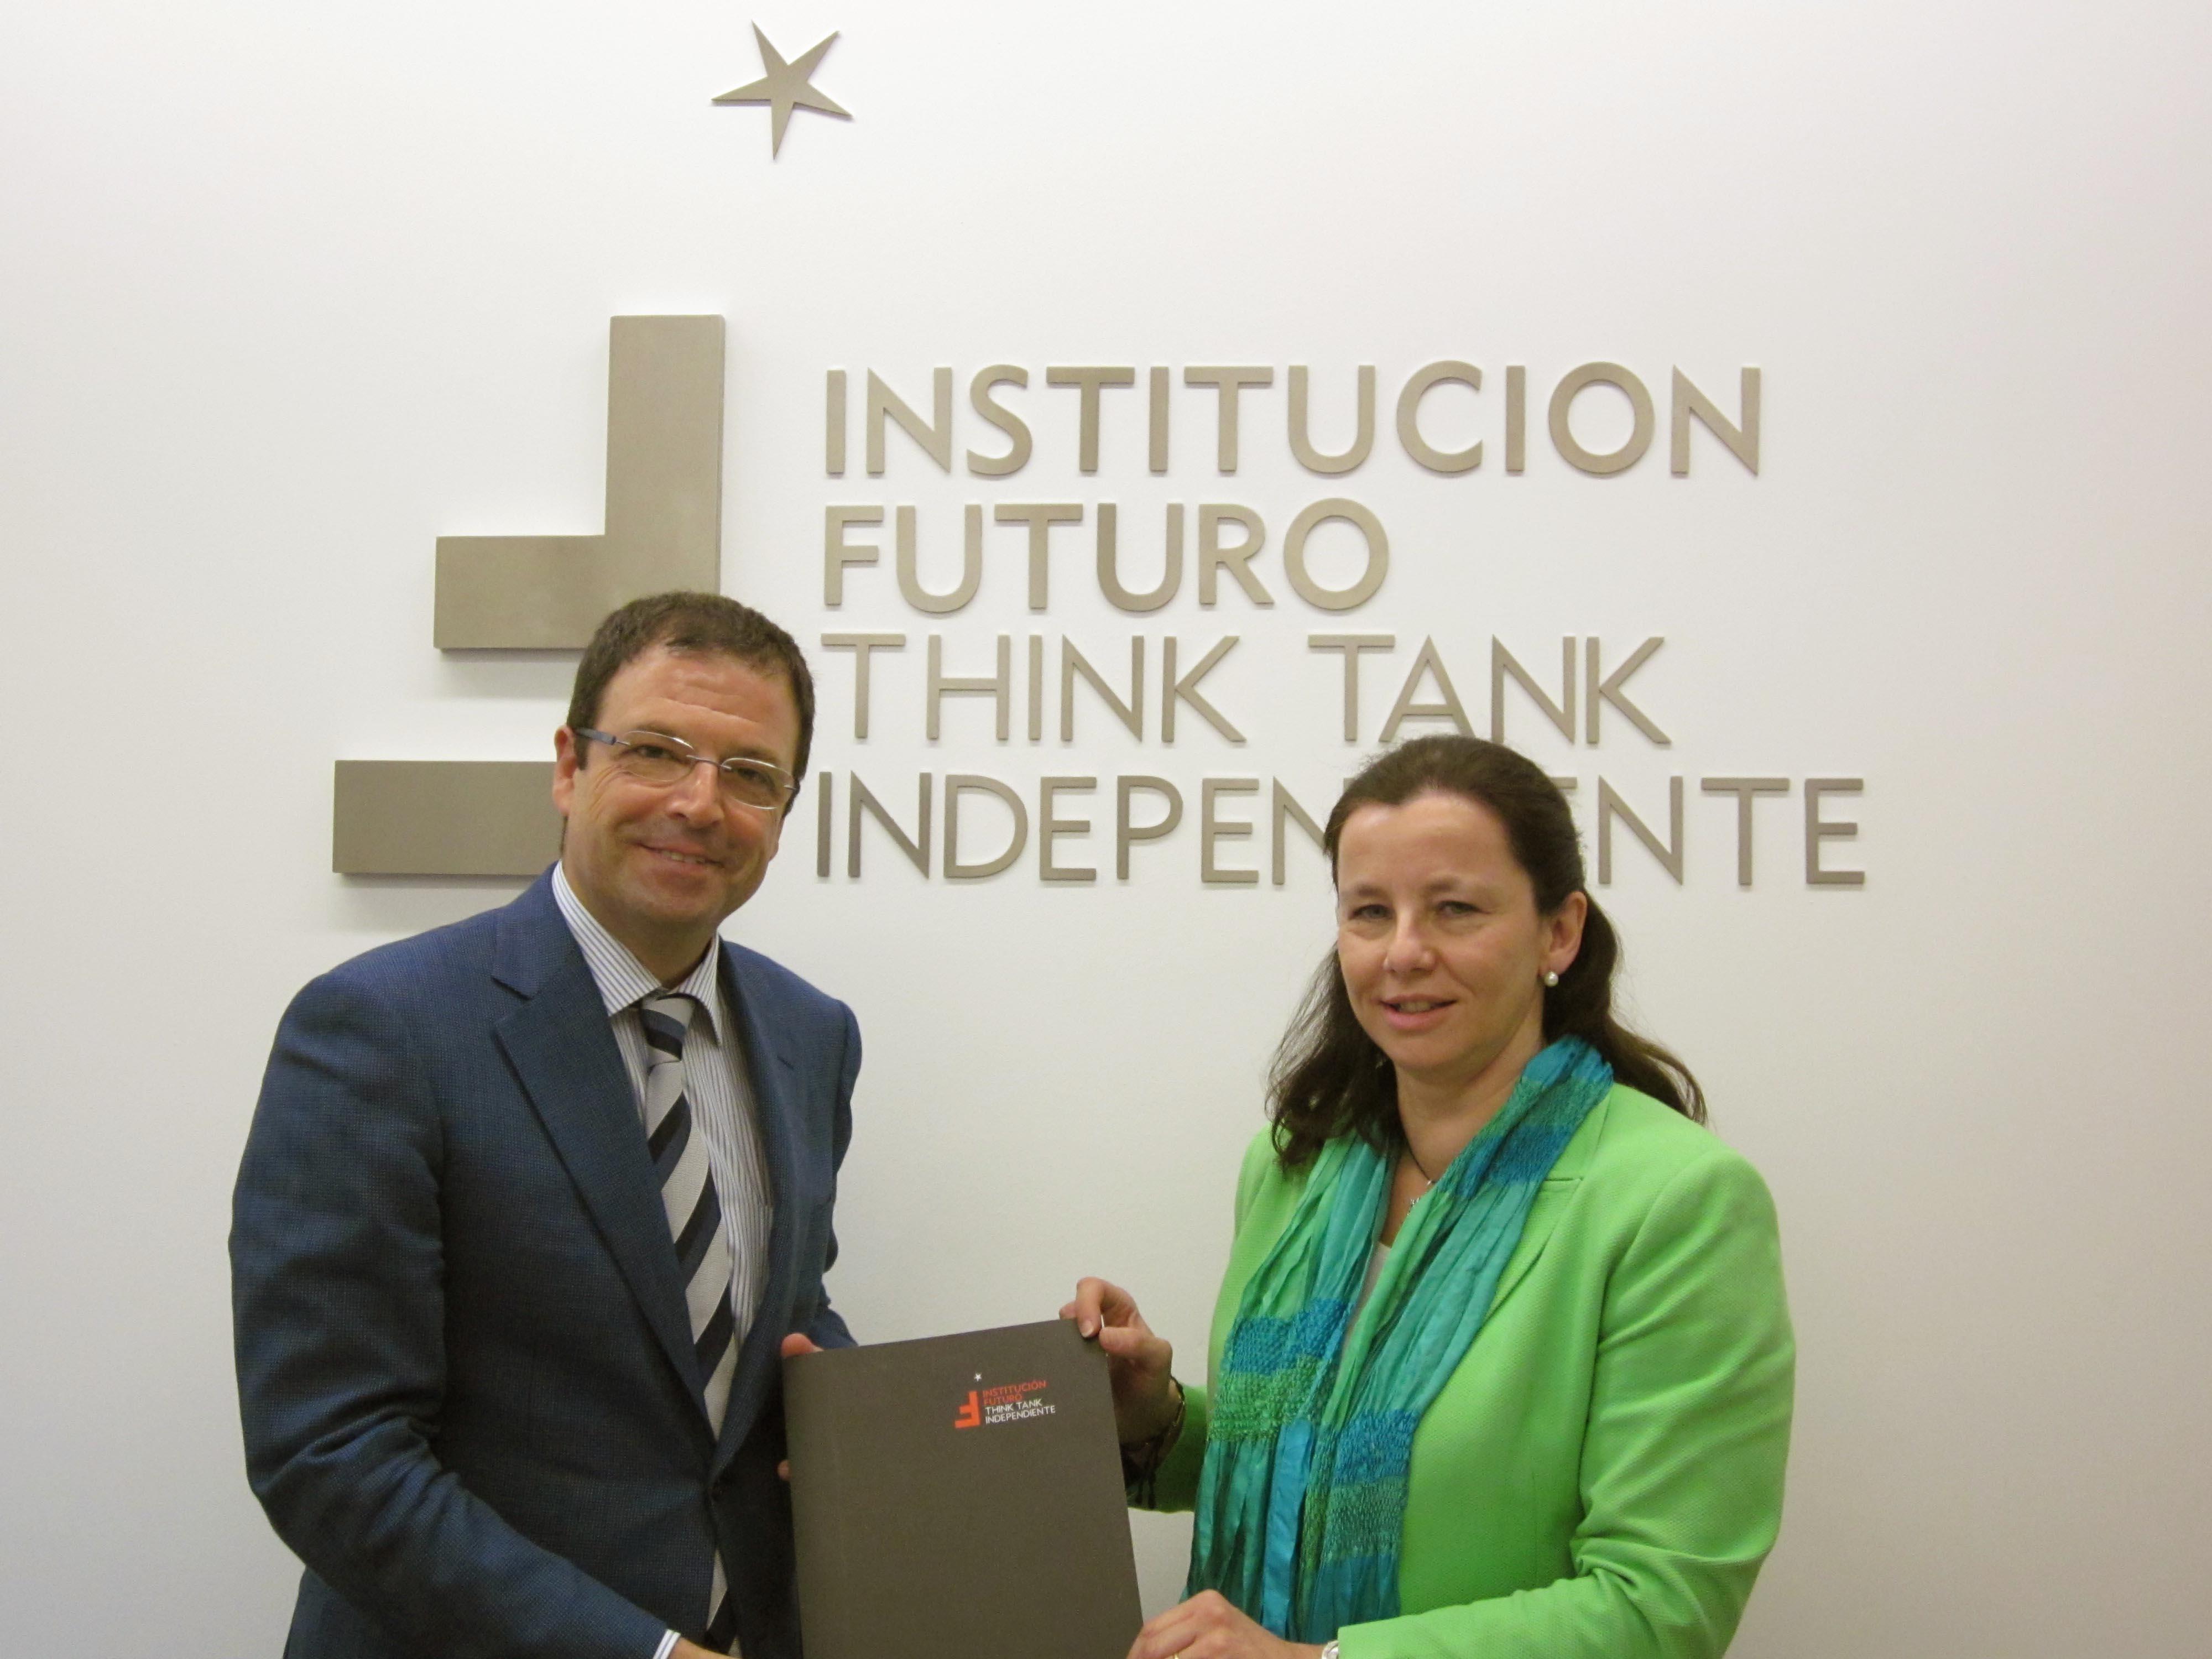 Relevo en Institución Futuro: Belén Goñi sustituye a José Javier Olloqui en la dirección general del think tank